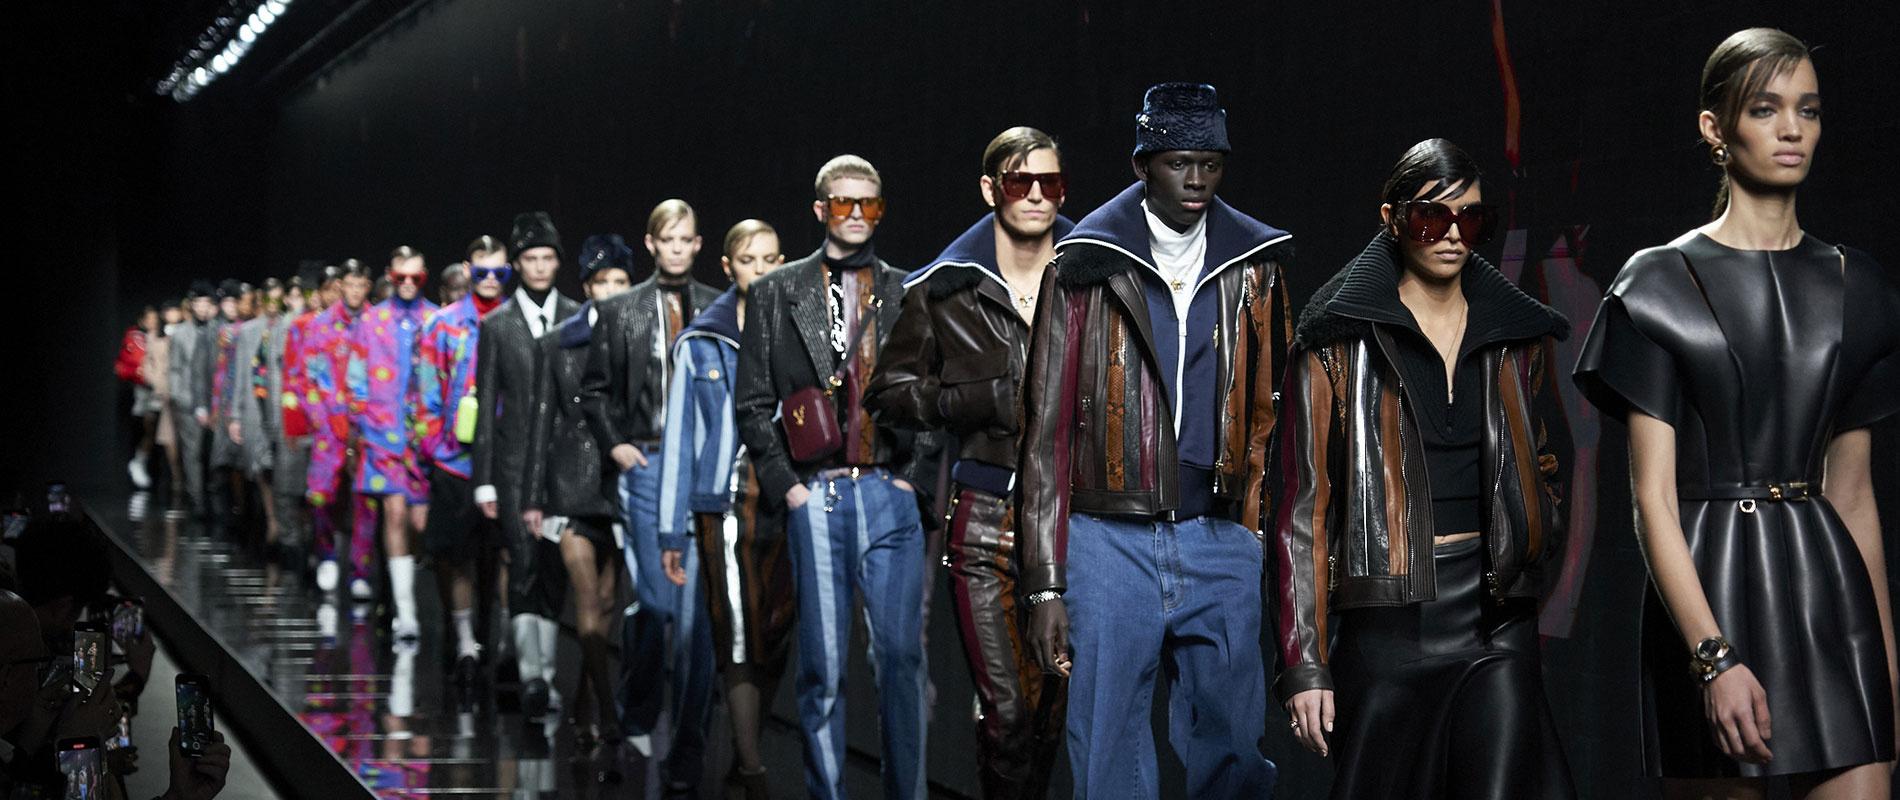 Milano Moda Donna F/W 2021   18 24 February 2020 • MMD